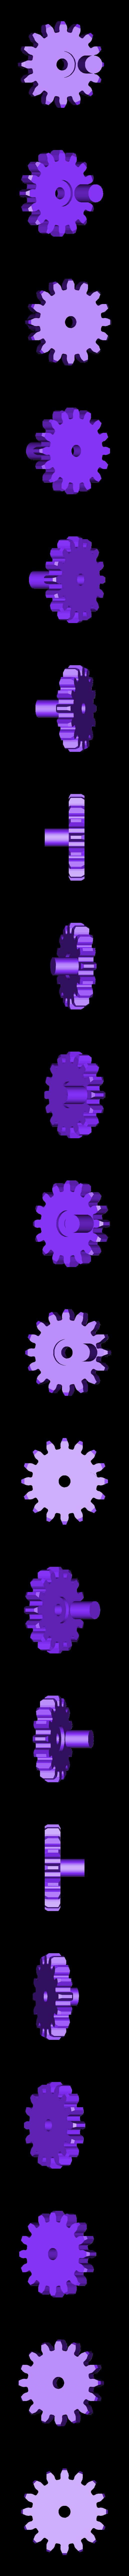 Gear_M08_T16.stl Télécharger fichier STL gratuit Kozjavcka ( Козявка ) • Modèle pour impression 3D, SiberK